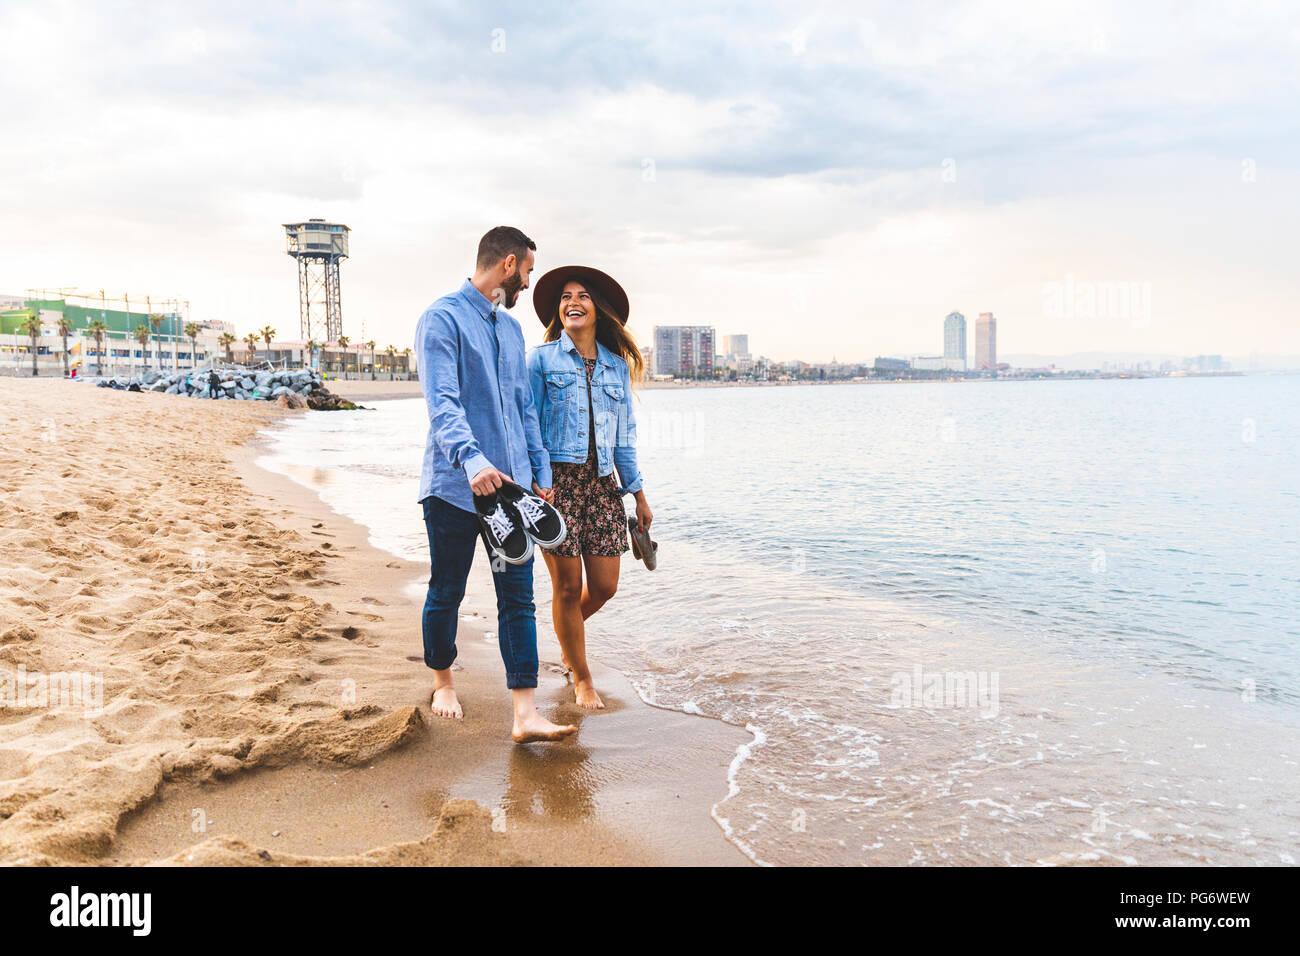 Espagne, Barcelone, en train de marcher pieds nus sur la plage Photo Stock